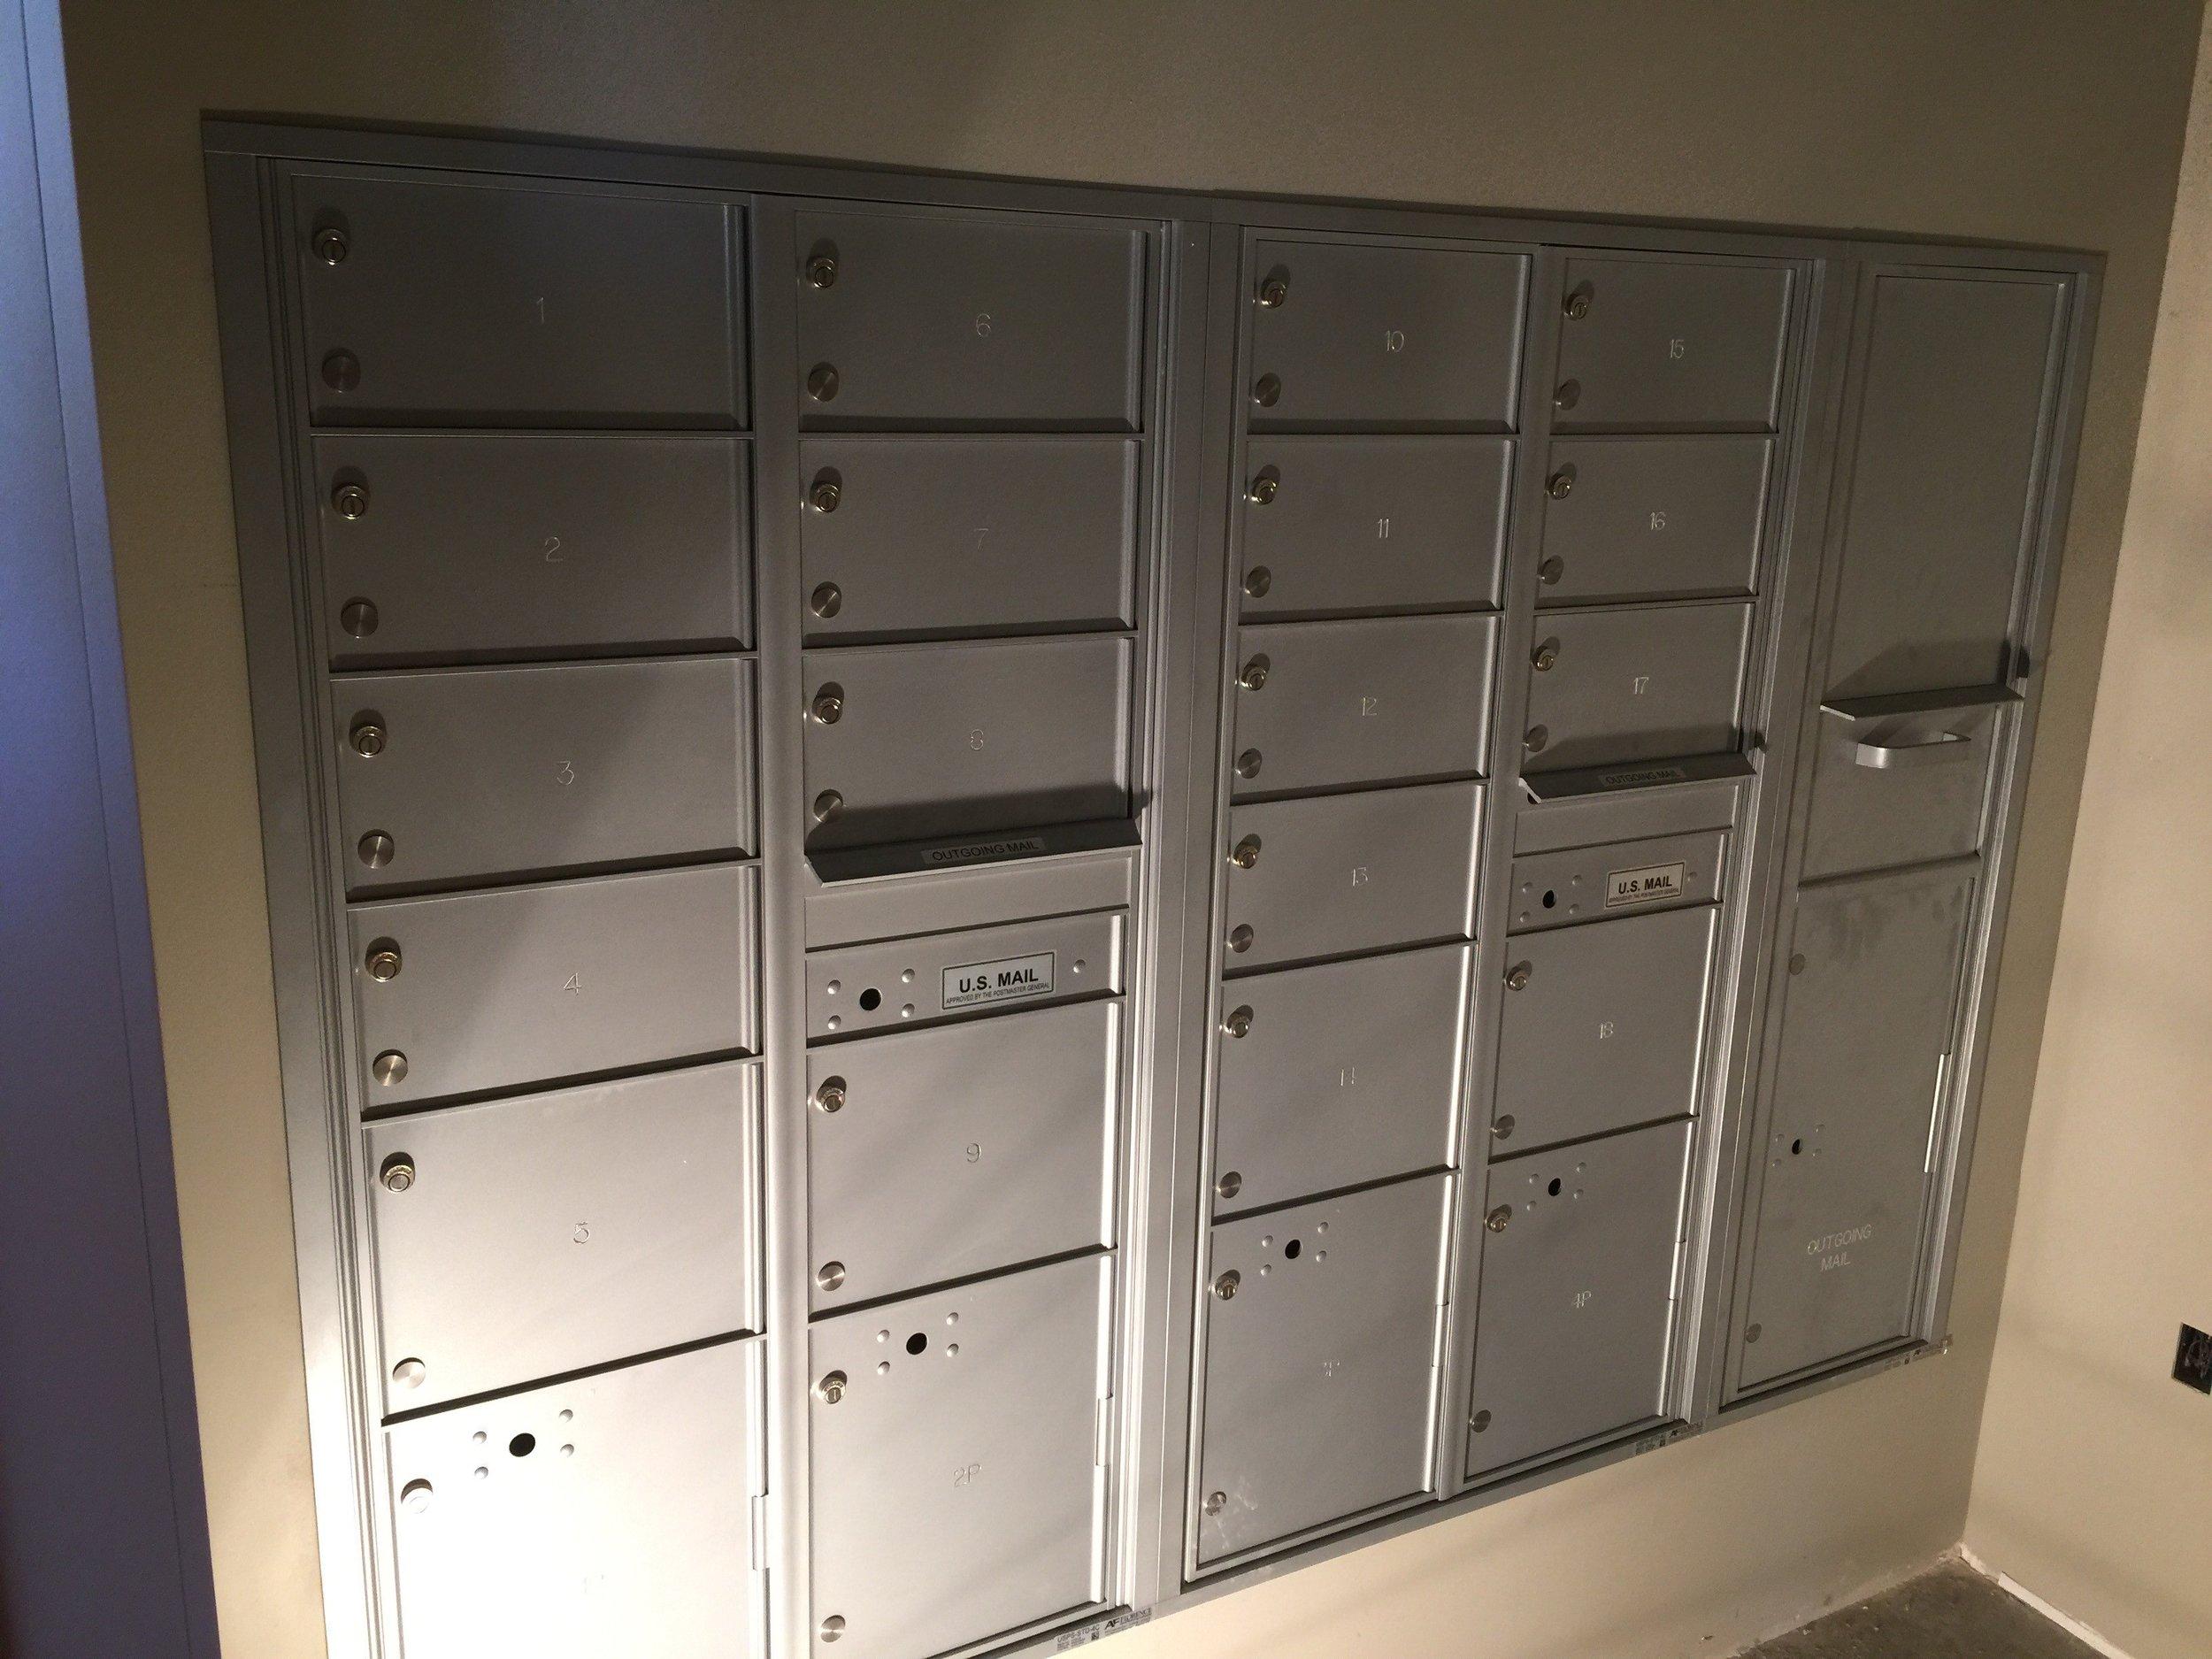 4C_XL_doors_for_commercial_building.jpg